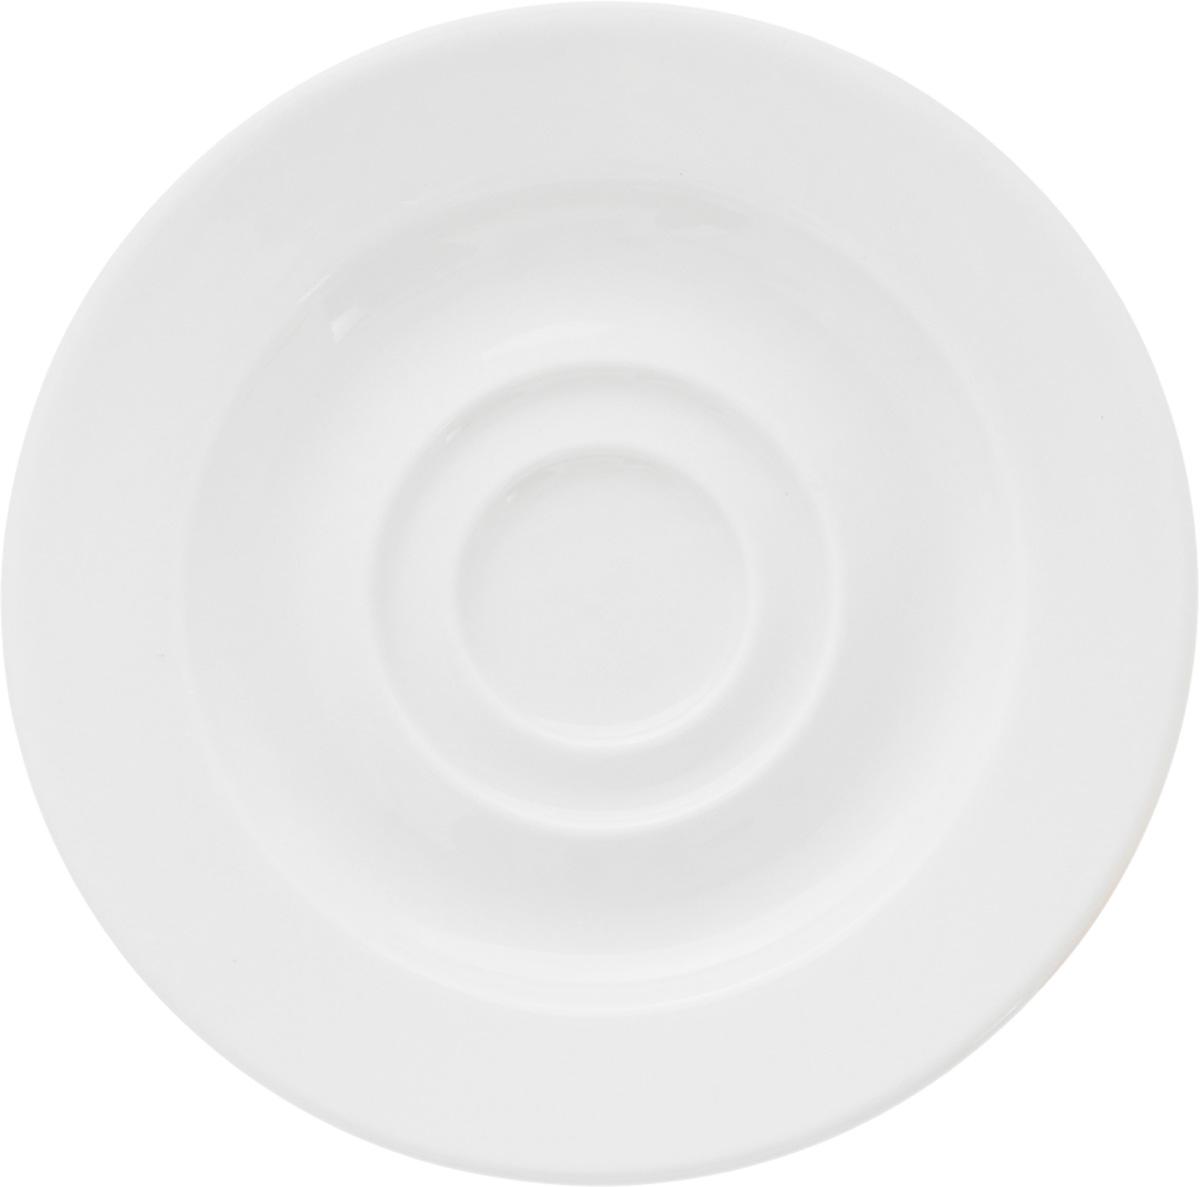 Блюдце Ariane Прайм, диаметр 12,5 смAPRARN14013Оригинальное блюдце Ariane Прайм изготовлено из фарфора с глазурованным покрытием. Изделие сочетает в себе классический дизайн с максимальной функциональностью. Блюдце прекрасно впишется в интерьер вашей кухни и станет достойным дополнением к кухонному инвентарю. Можно мыть в посудомоечной машине и использовать в микроволновой печи.Диаметр блюдца (по верхнему краю): 12,5 см.Высота блюдца: 1,5 см.